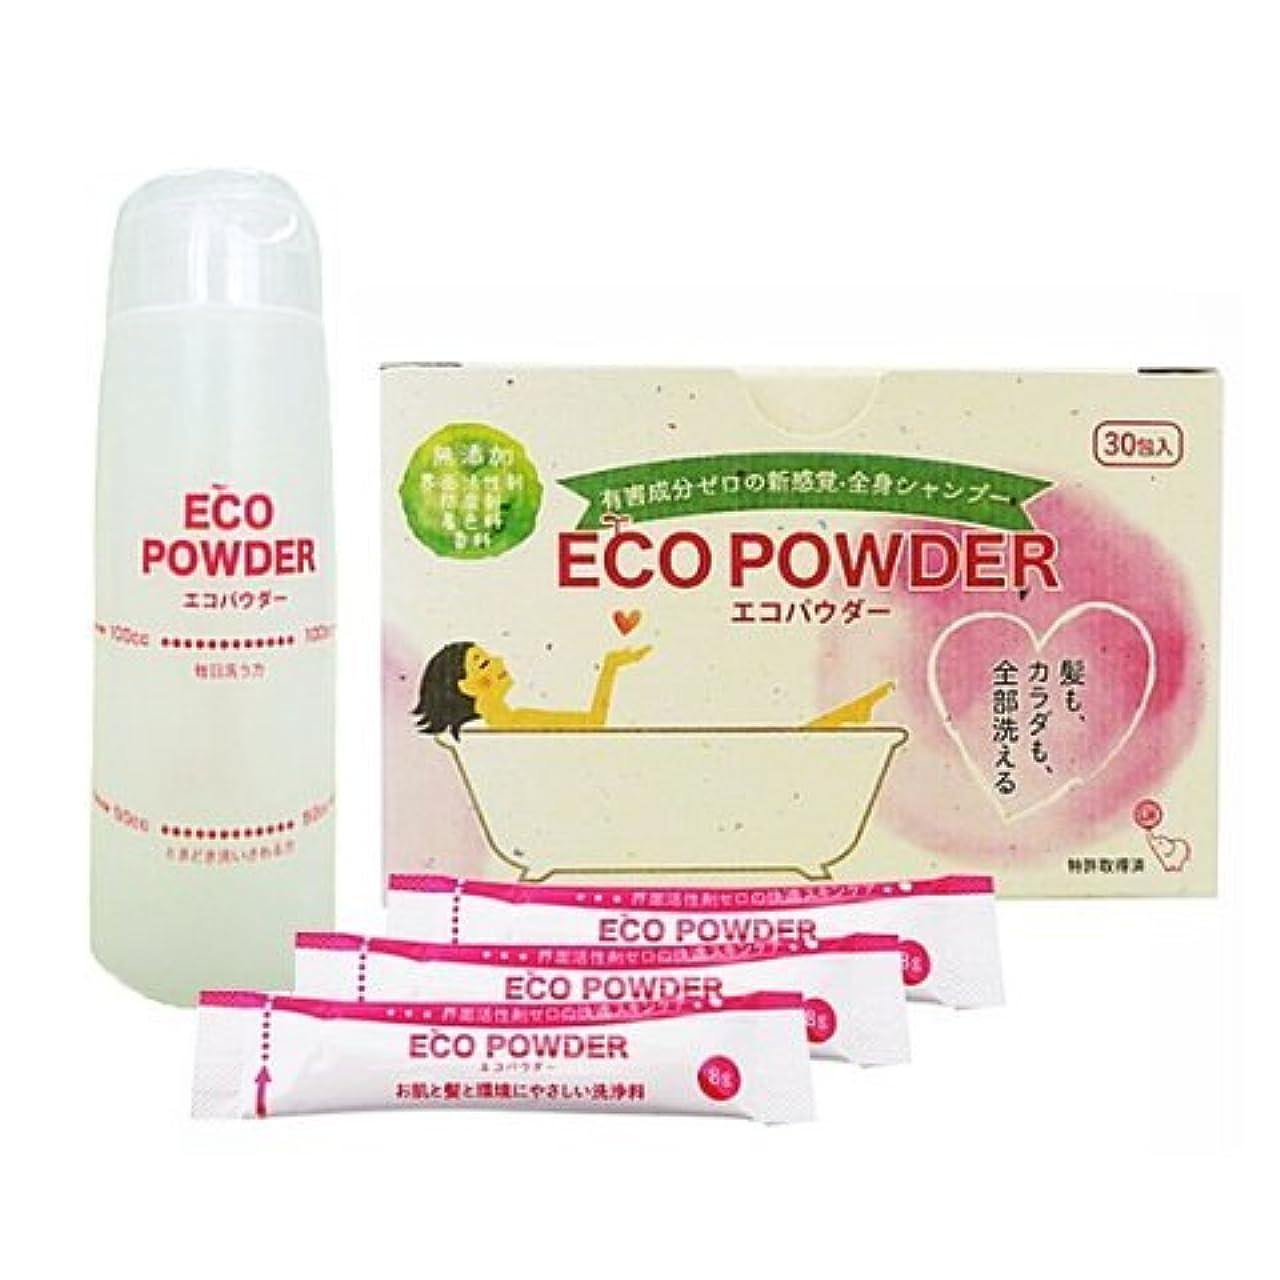 結婚式放送泥沼エコパウダー ( 旧ママプレマシャンプー ) 8g×30包 (専用容器付き) 界面活性剤ゼロシャンプー 乾燥肌 敏感肌 赤ちゃんに